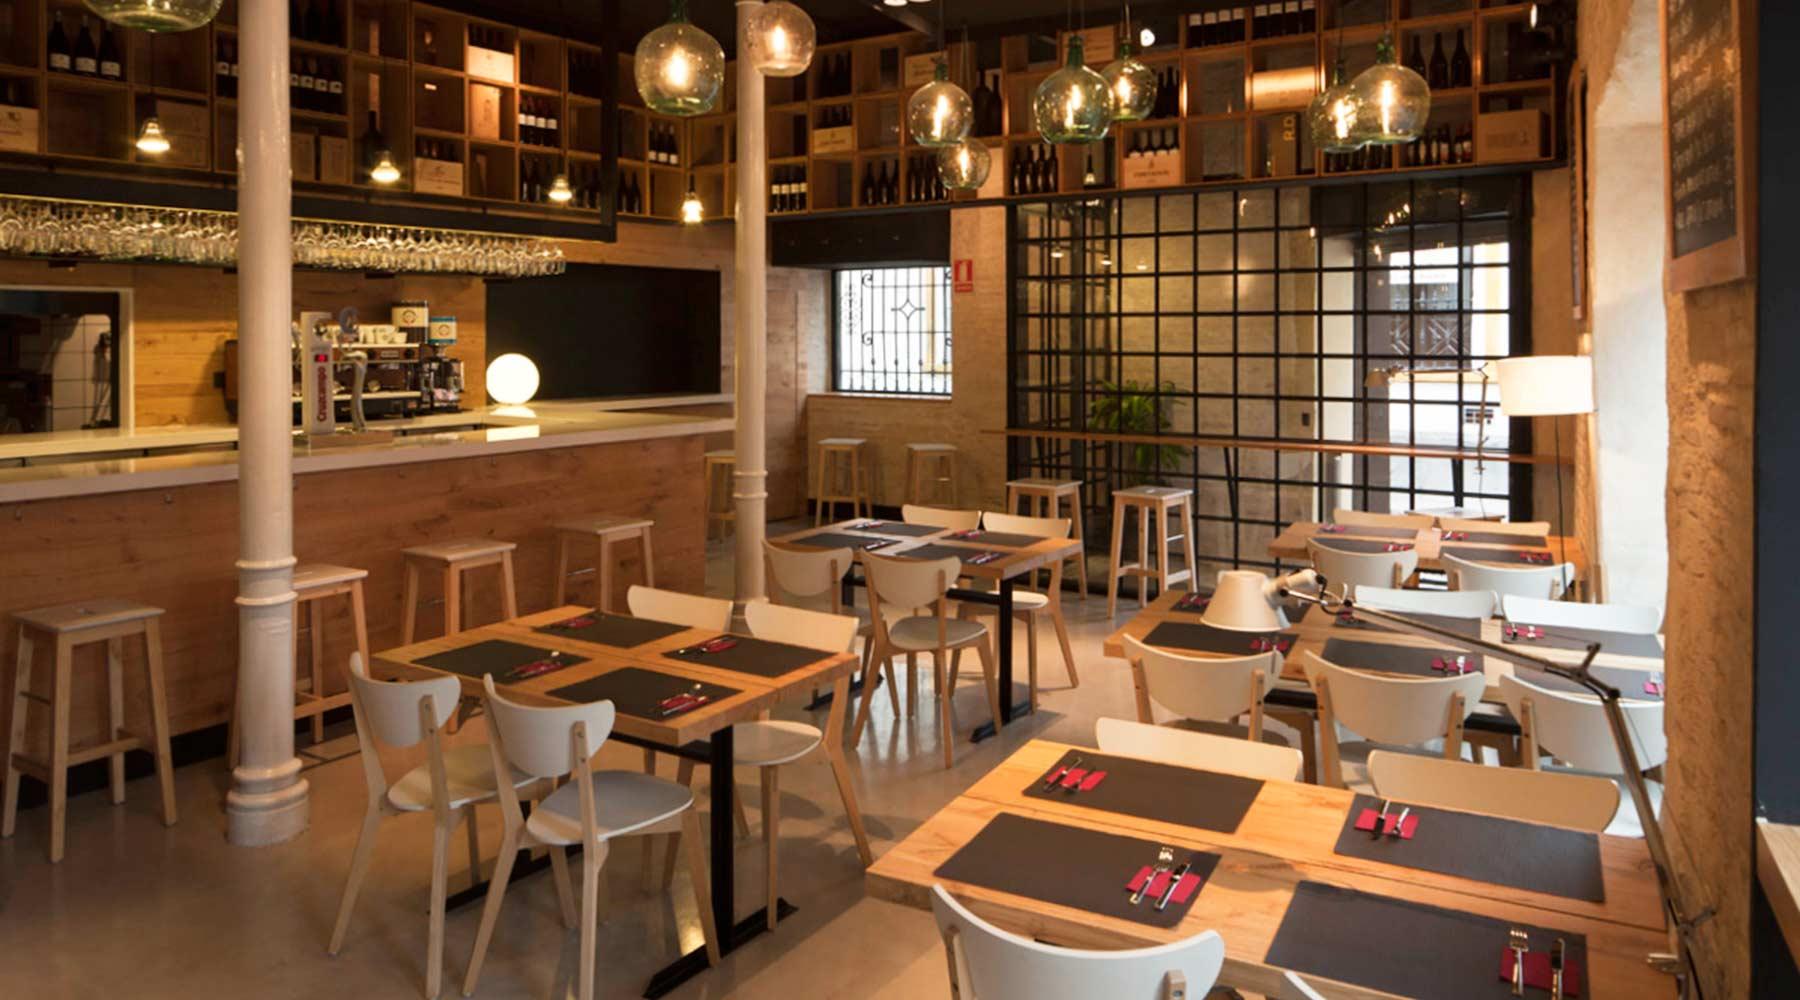 Detalle interior muebles de diseño a medida para restaurantes y bares